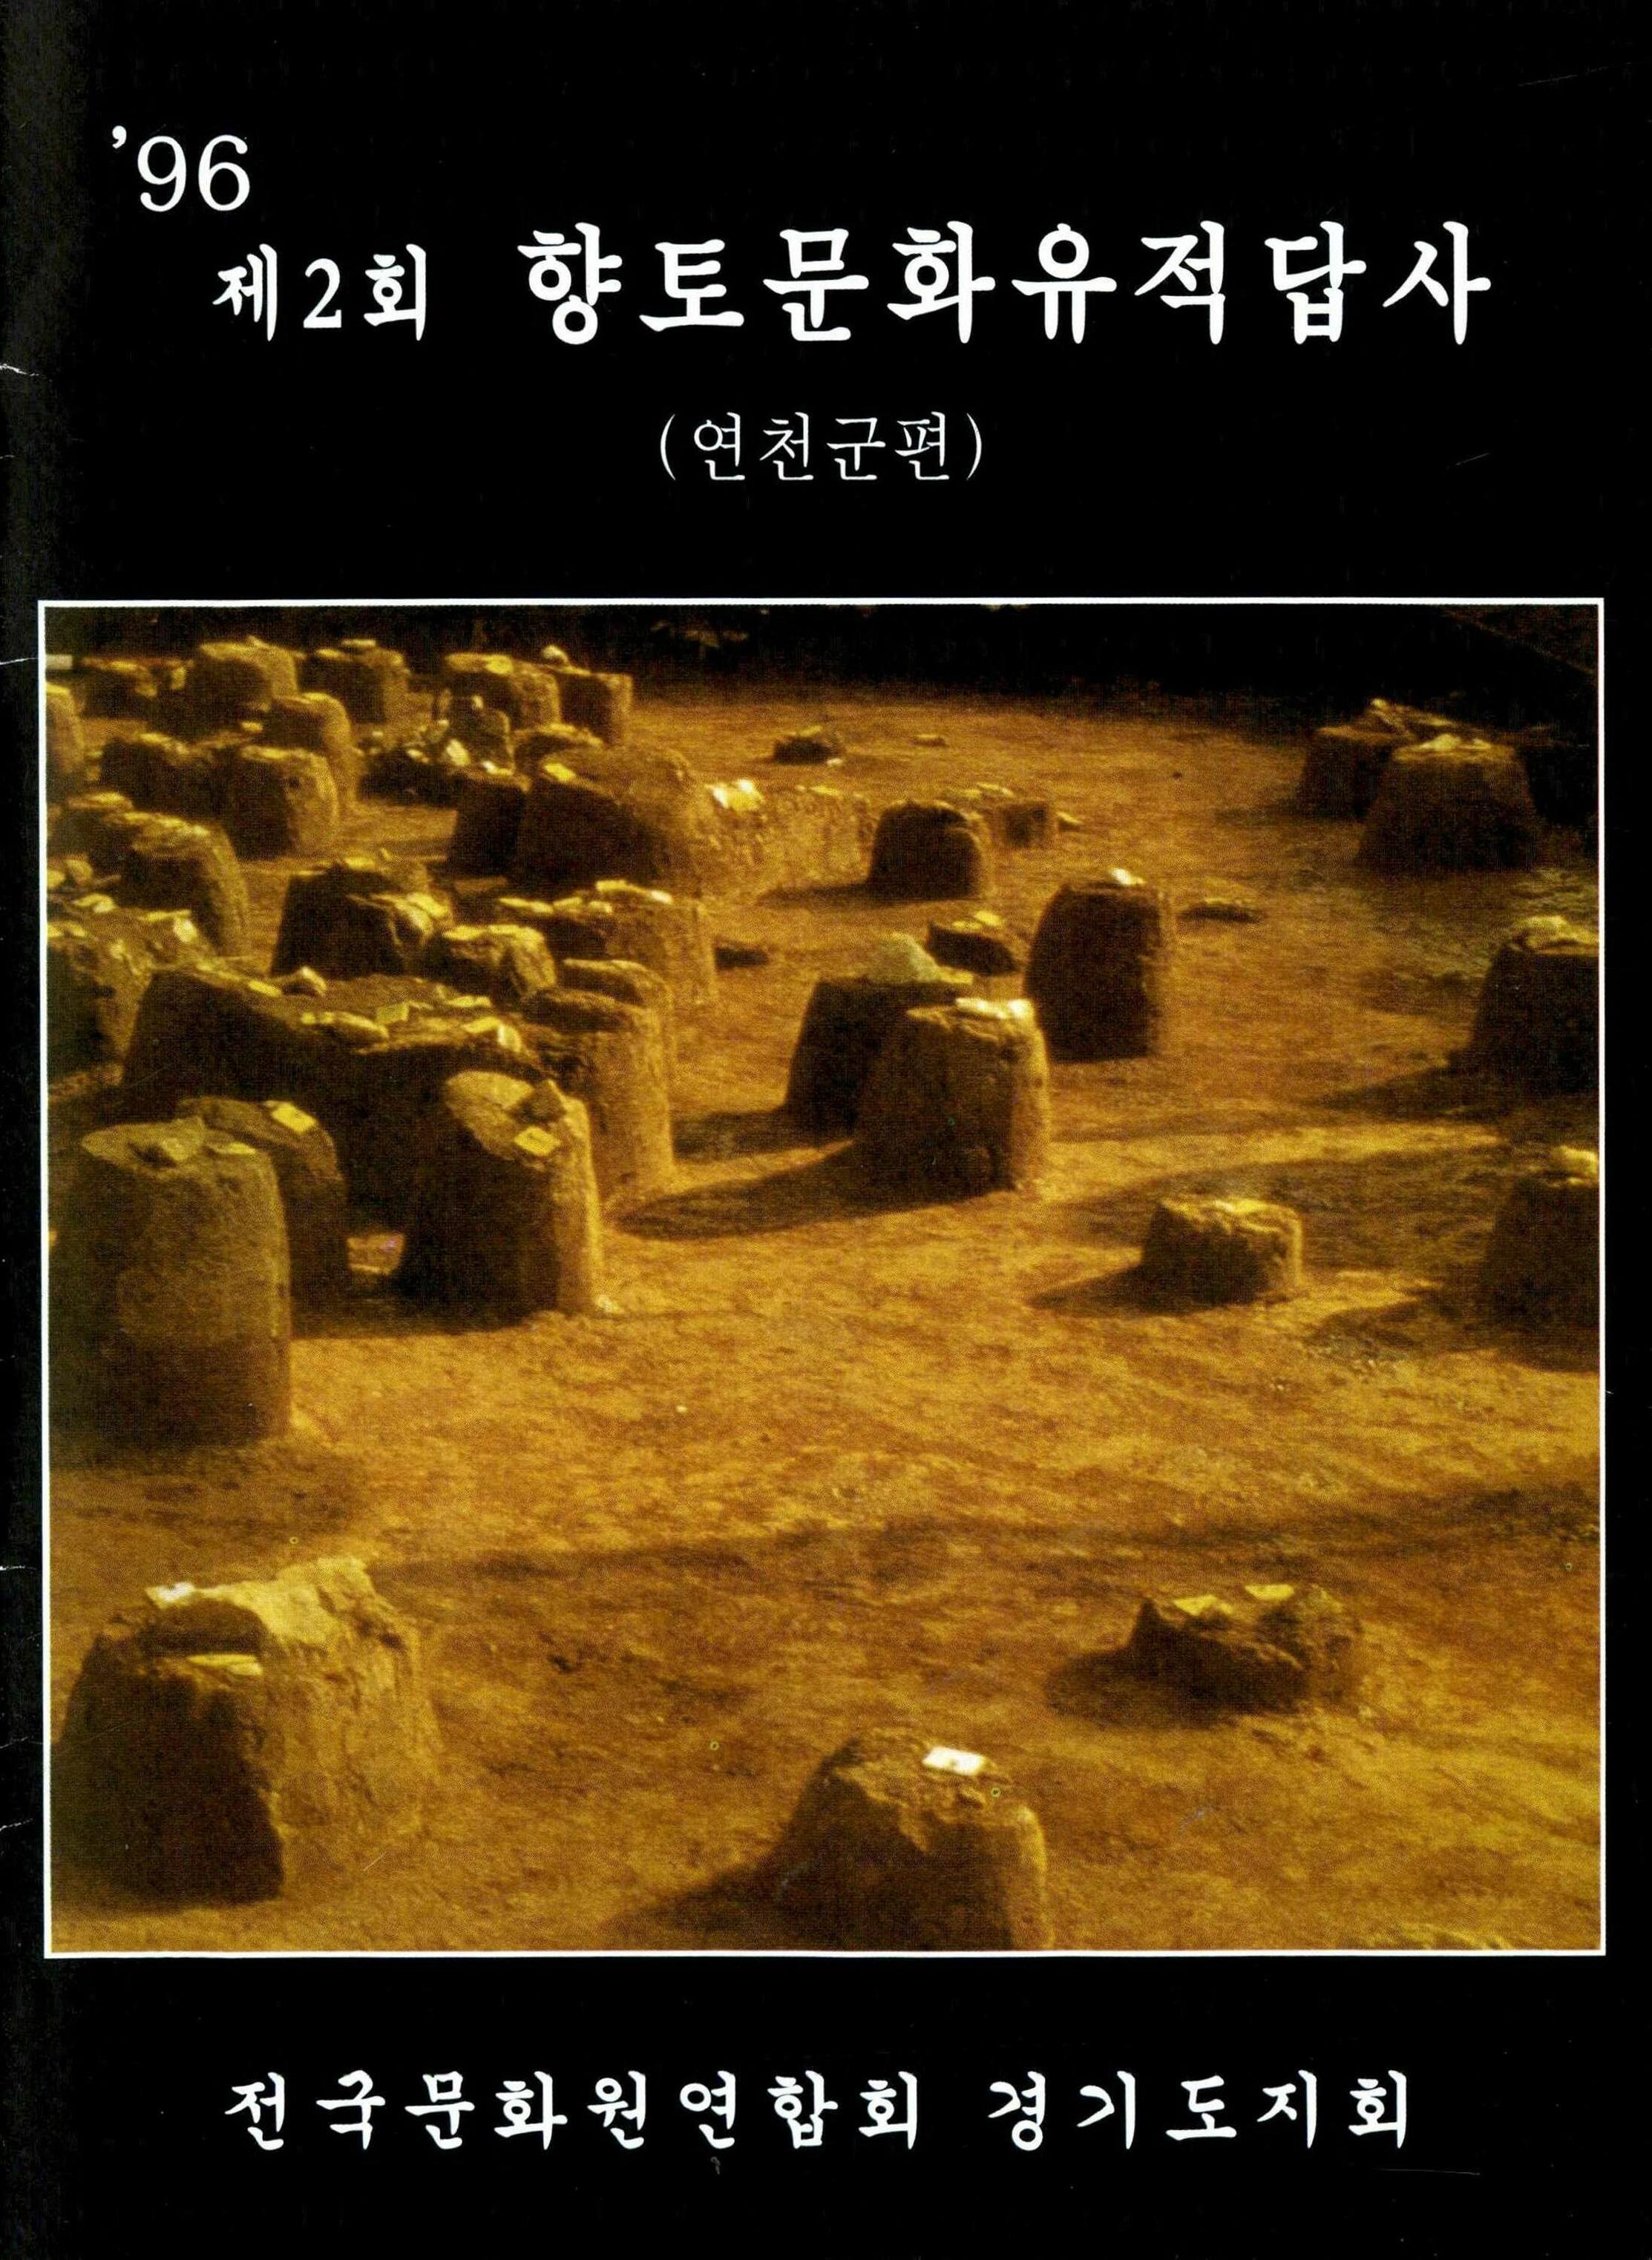 96 제2회 향토문화유적답사 연천군편